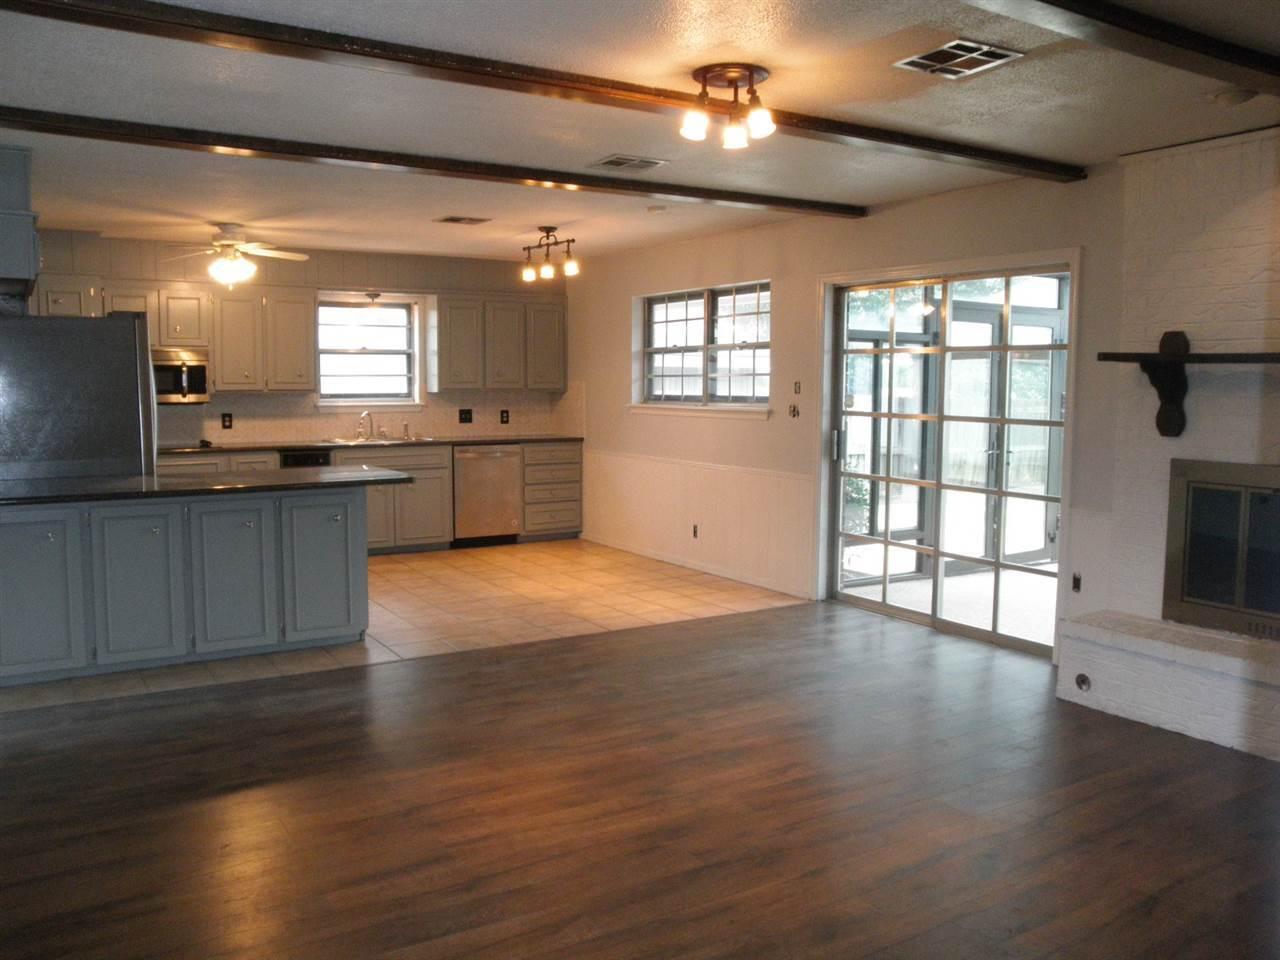 Sold Cross Sale W/ MLS   1525 W Broadway  Ponca City, OK 74601 11